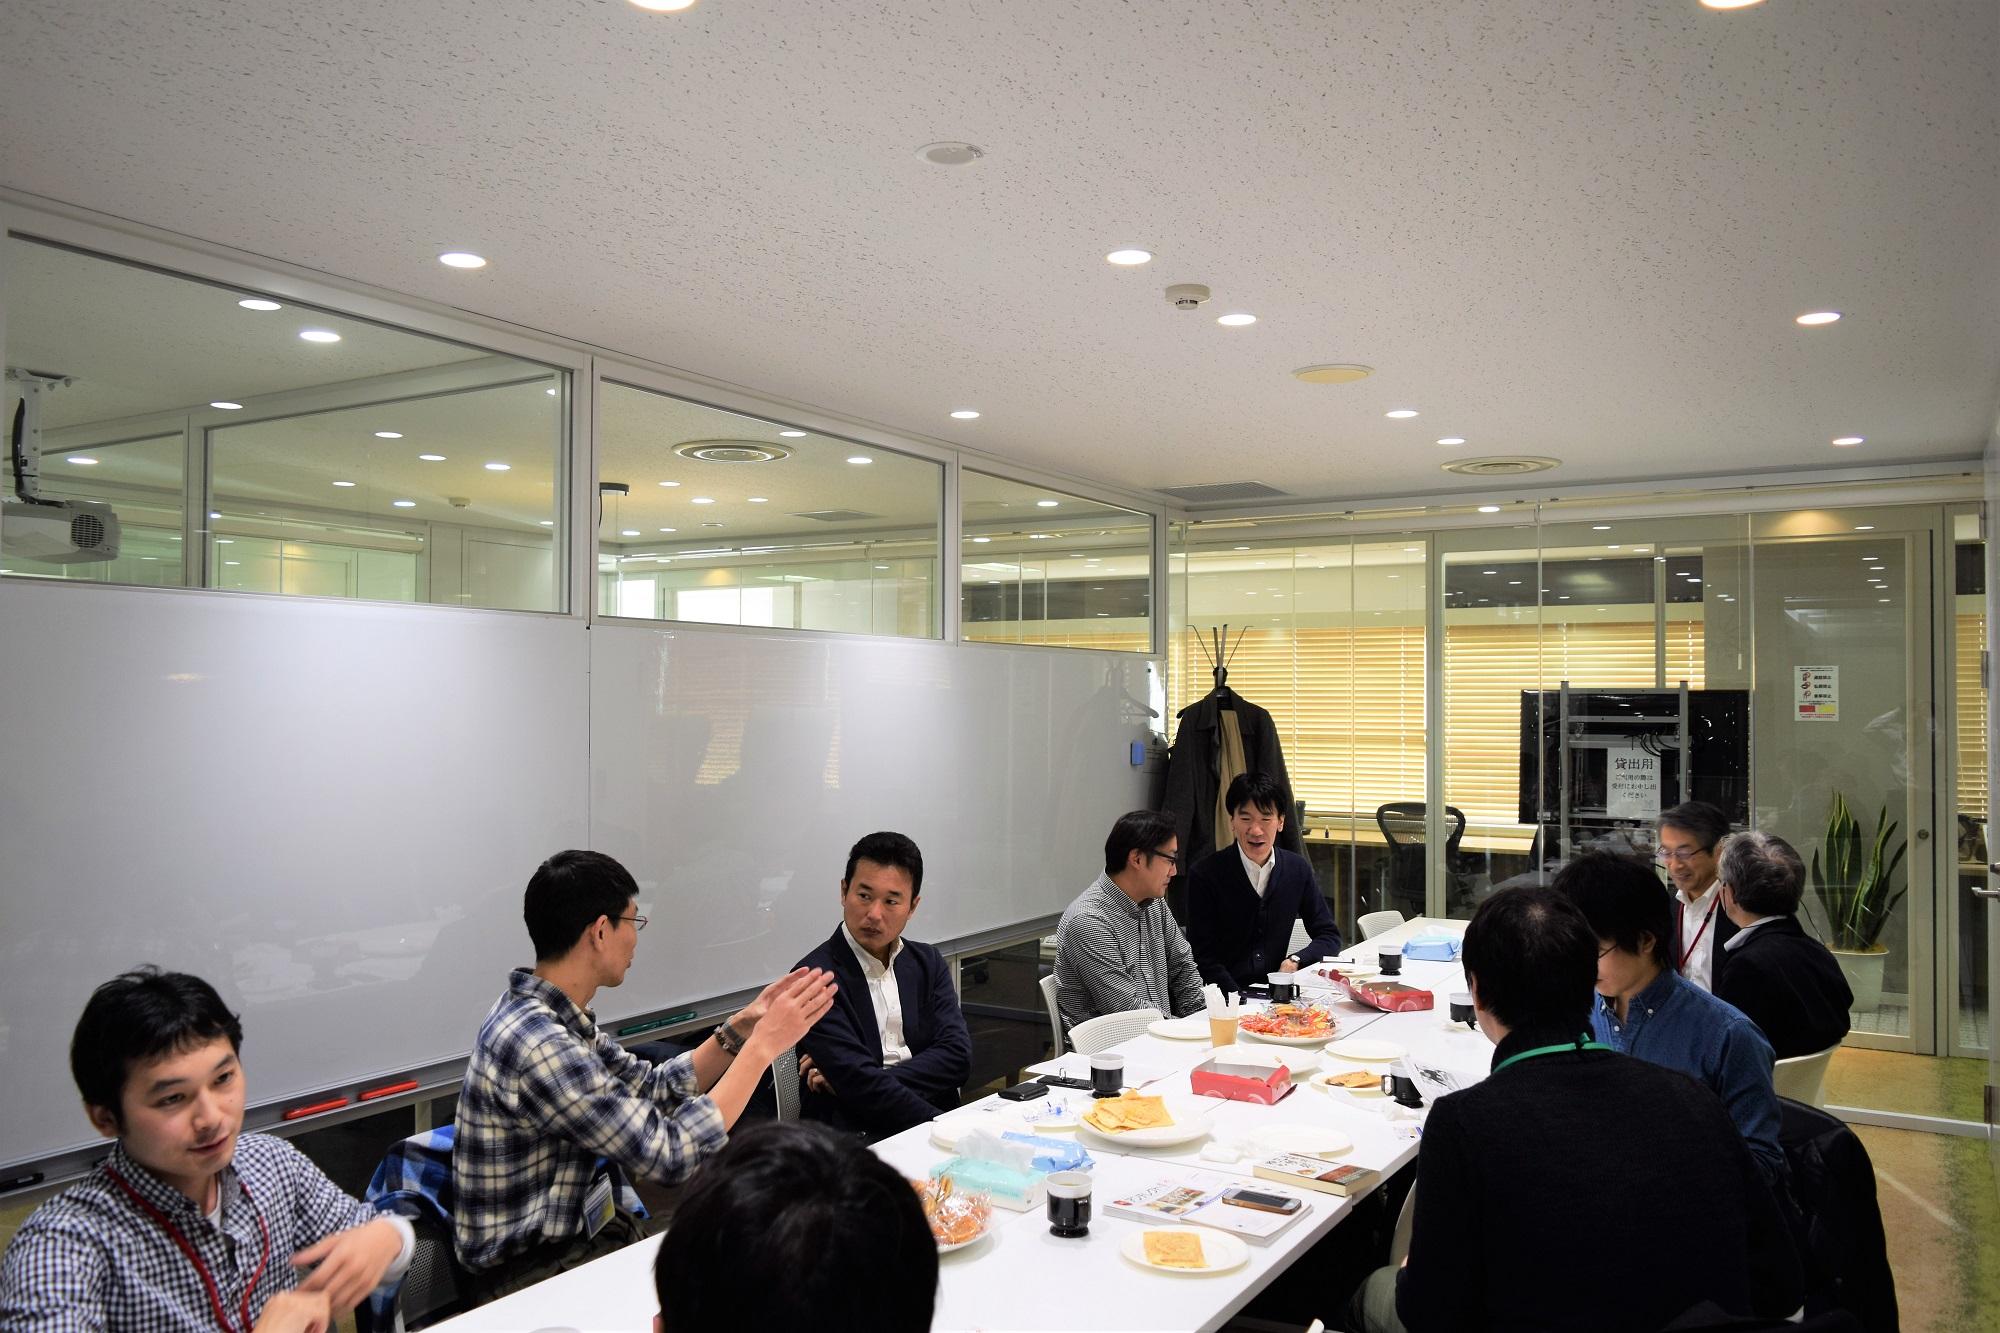 東京 起業家 起業 経営者 社長 交流会 異業種交流会